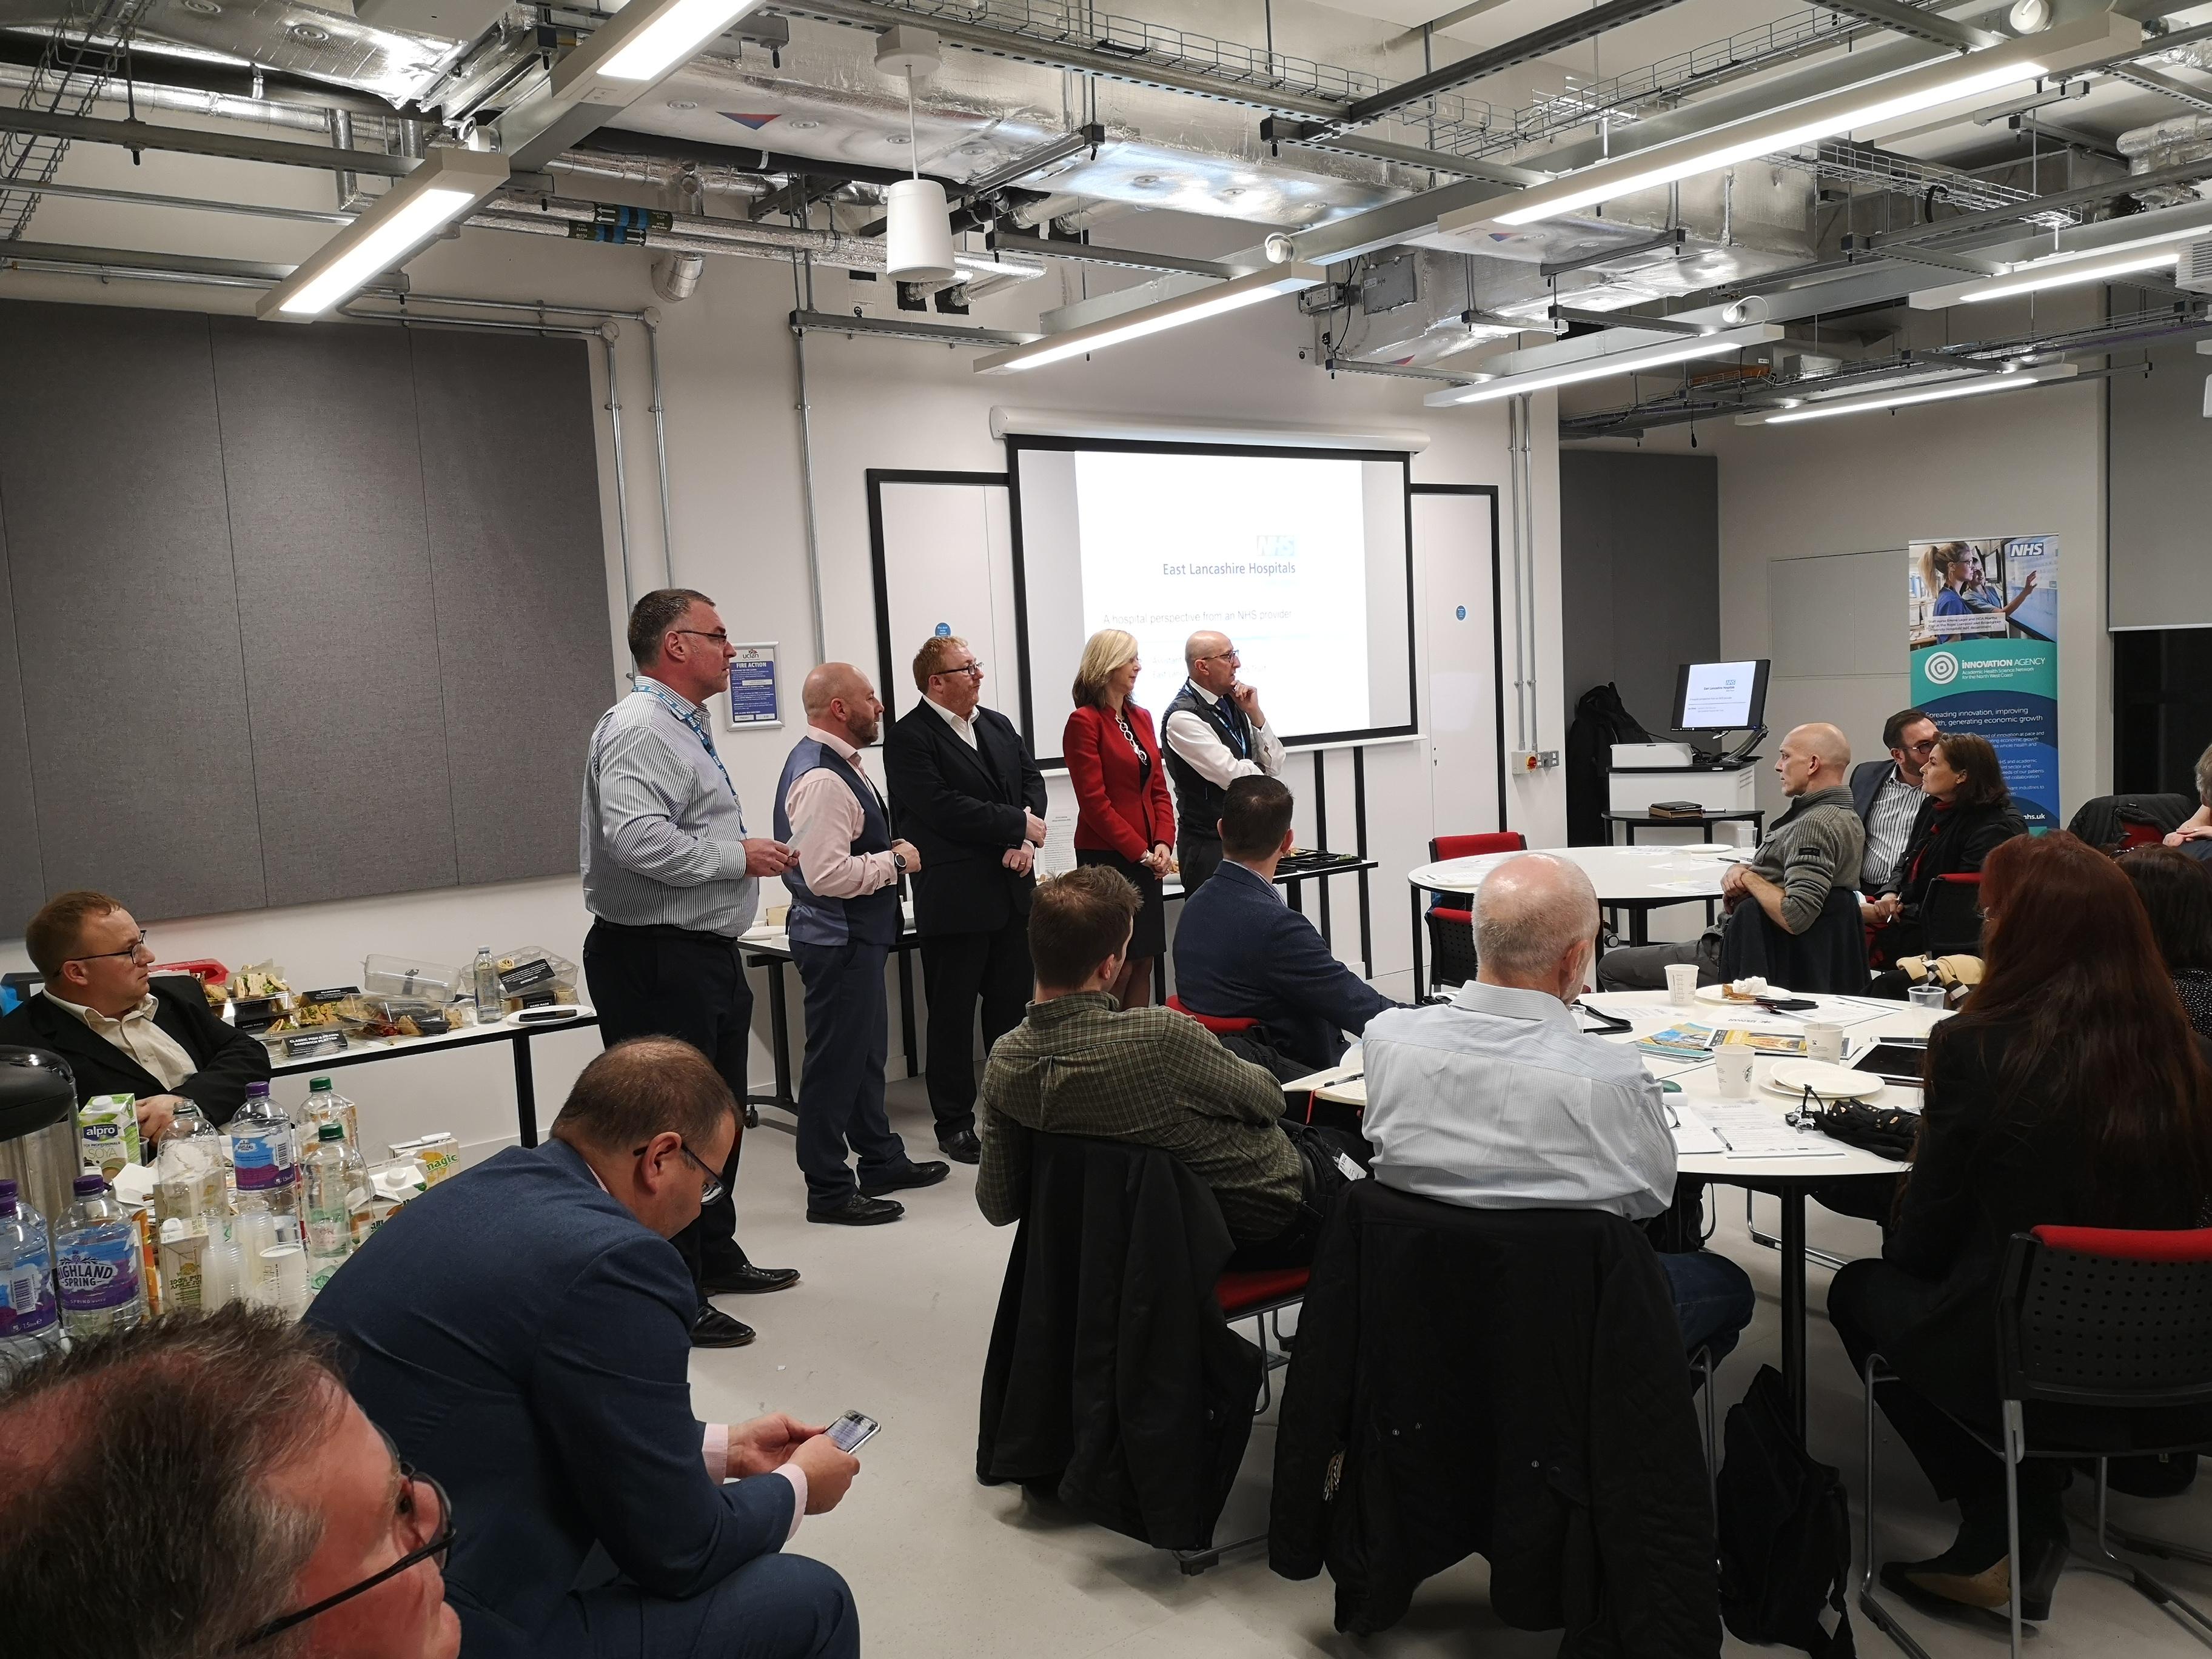 Lancashire Health MATTERS Launches in Preston